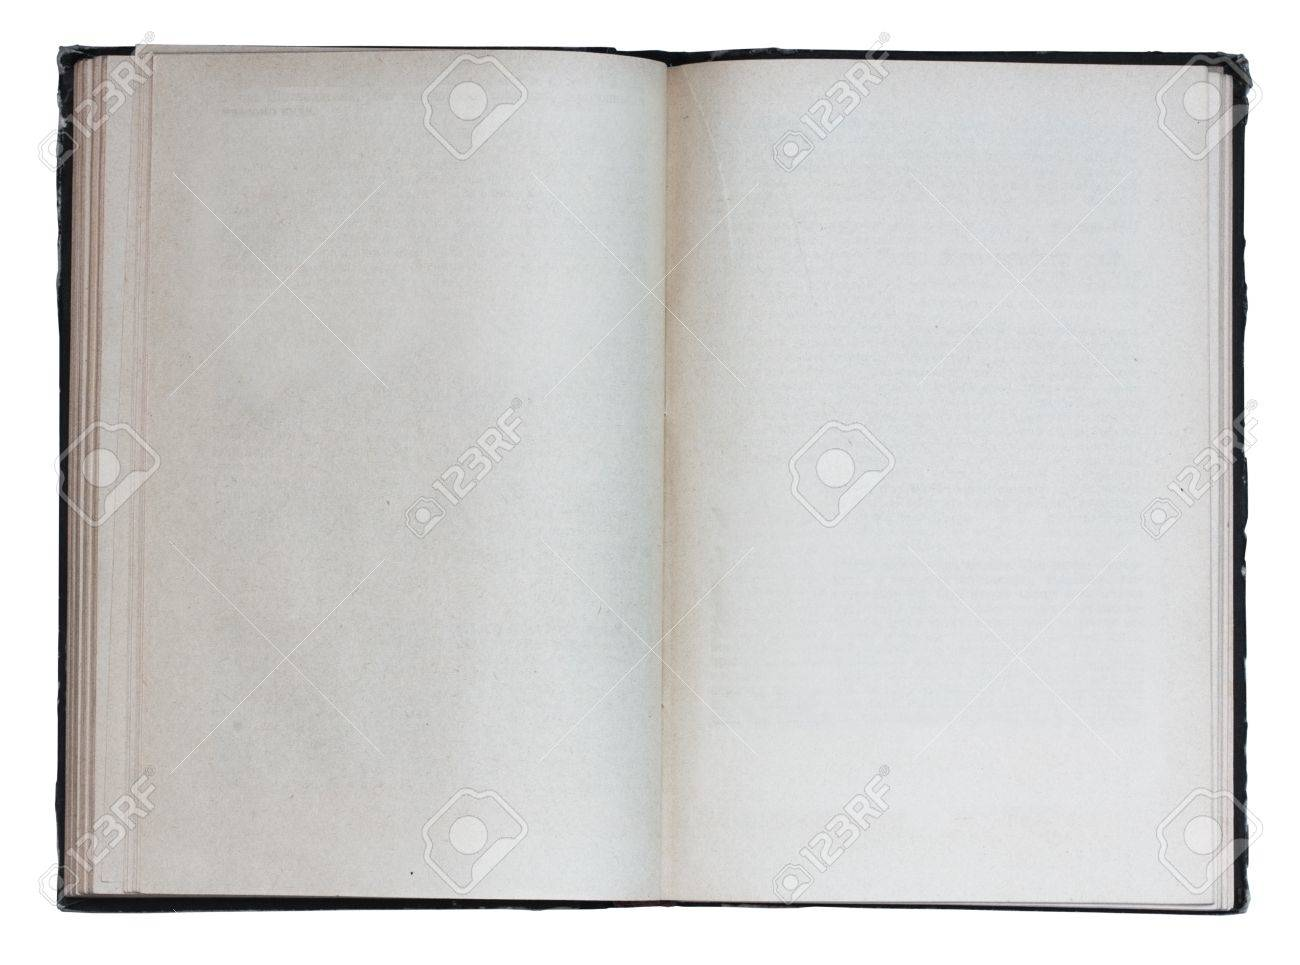 Livre Blanc Ouvert Isole Sur Fond Blanc Avec Chemin De Detourage